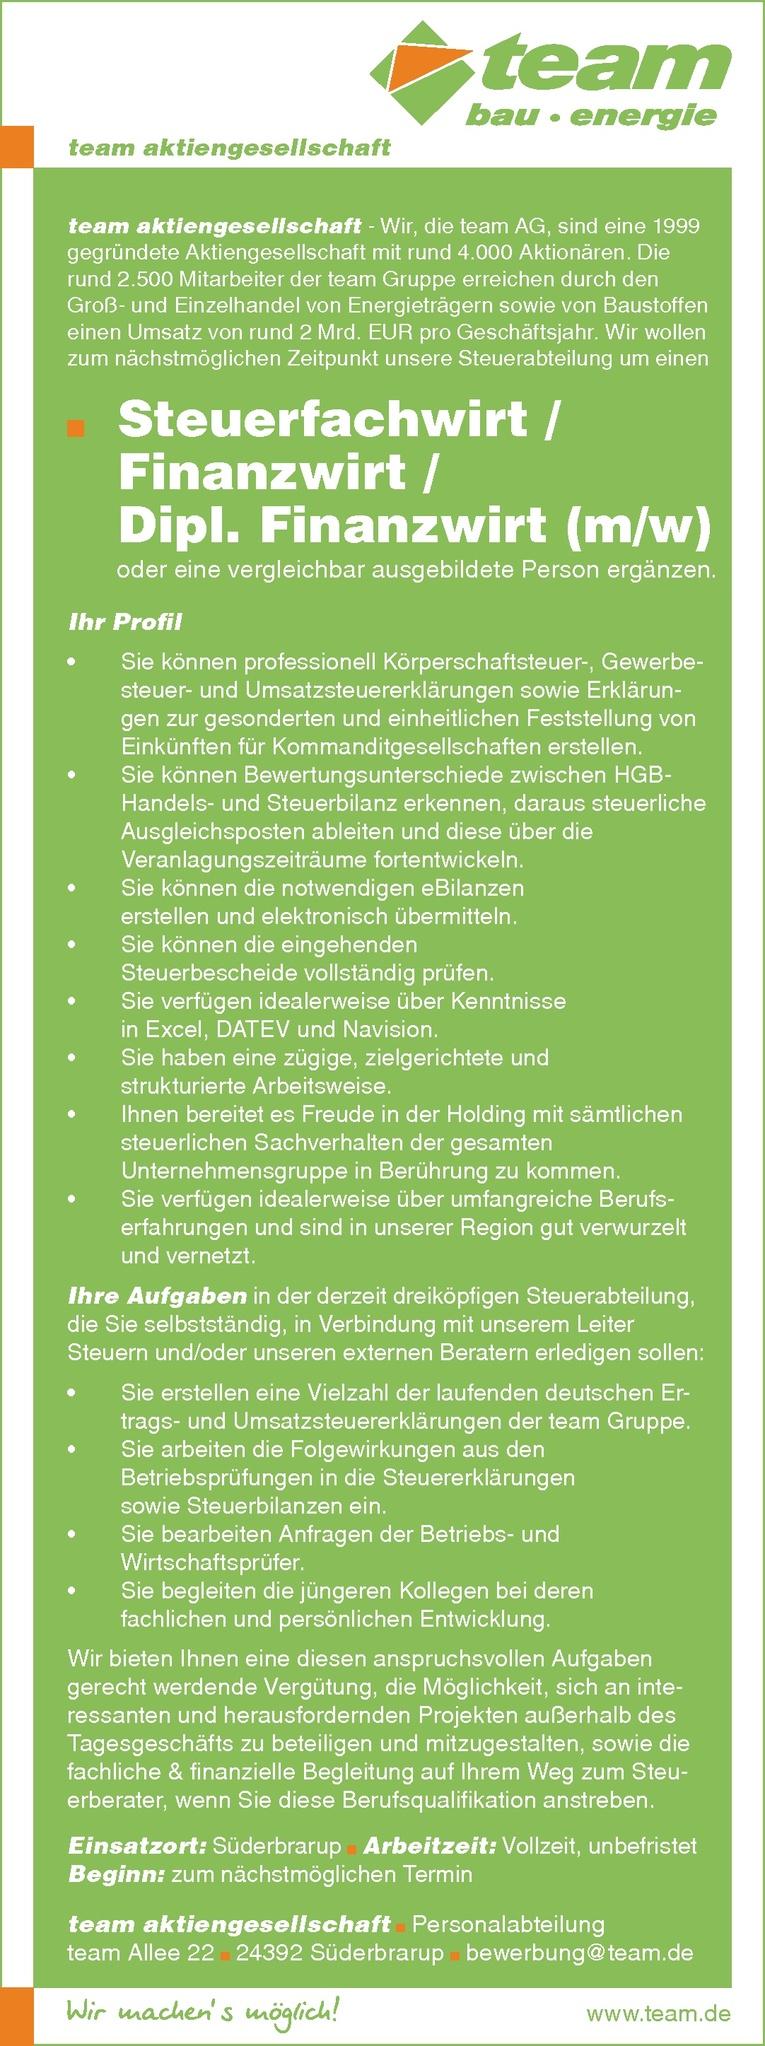 Steuerfachwirt / Finanzwirt / Dipl. Finanzwirt (m/w)